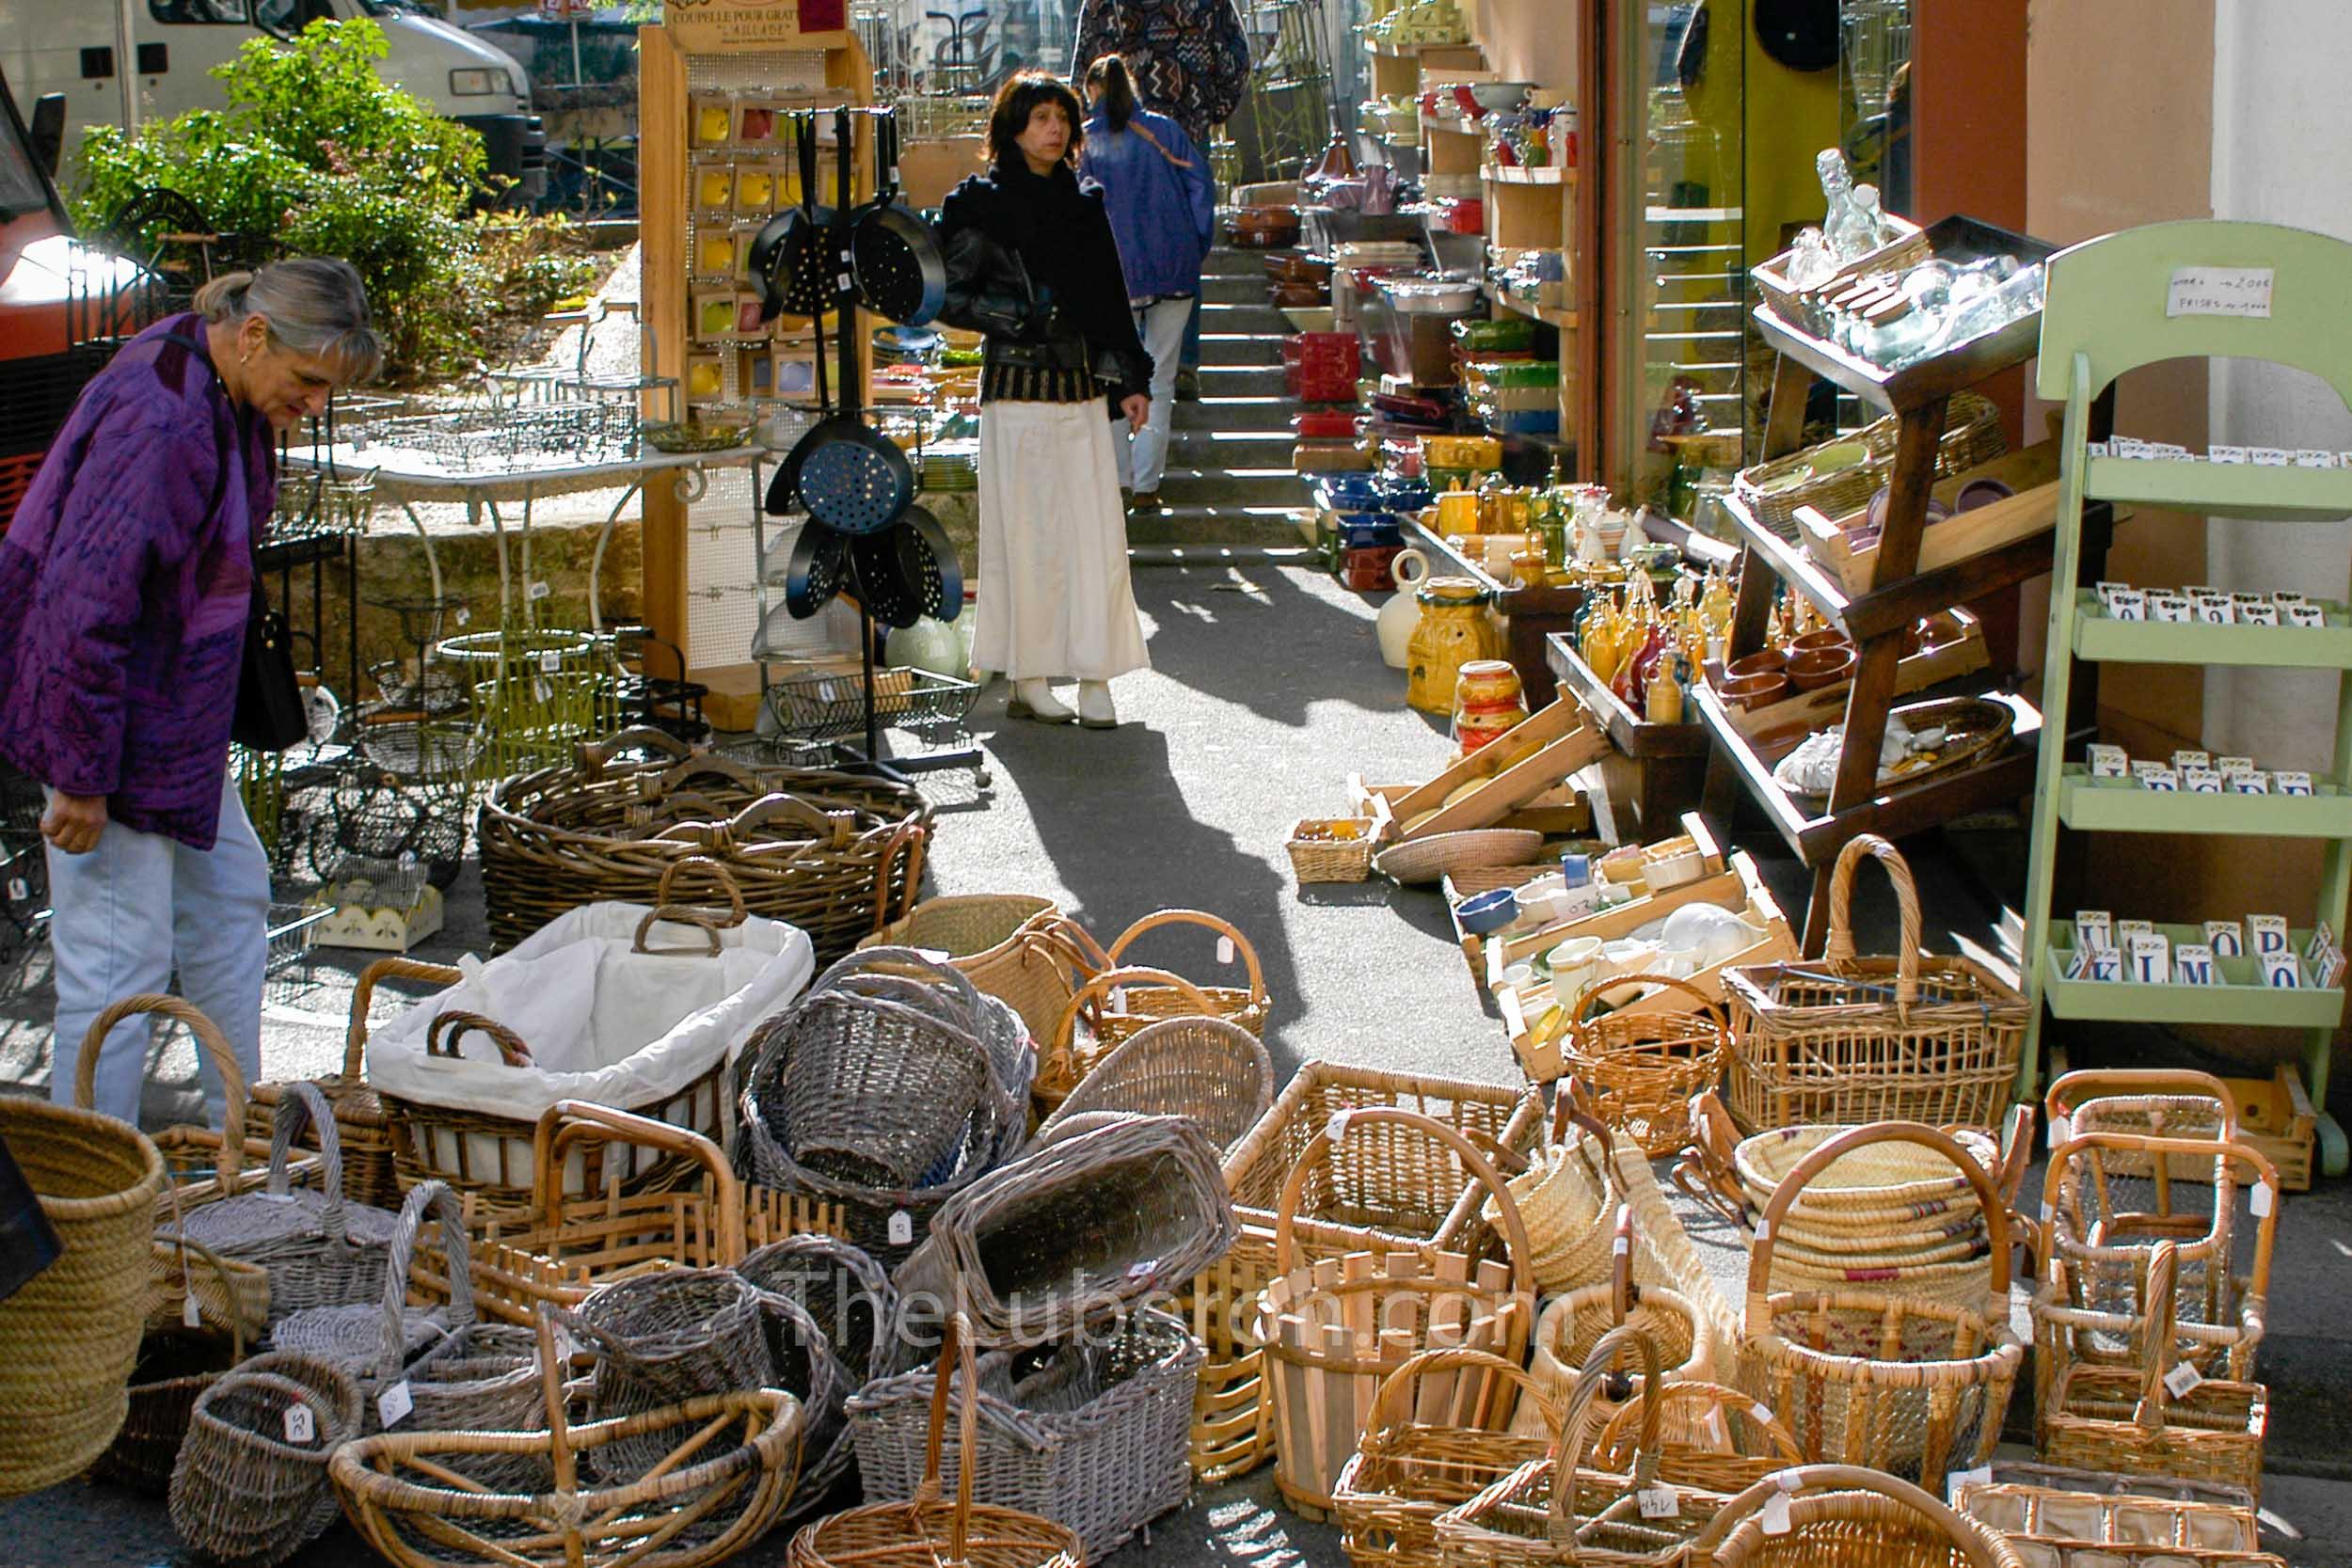 Baskets for sale at Apt market